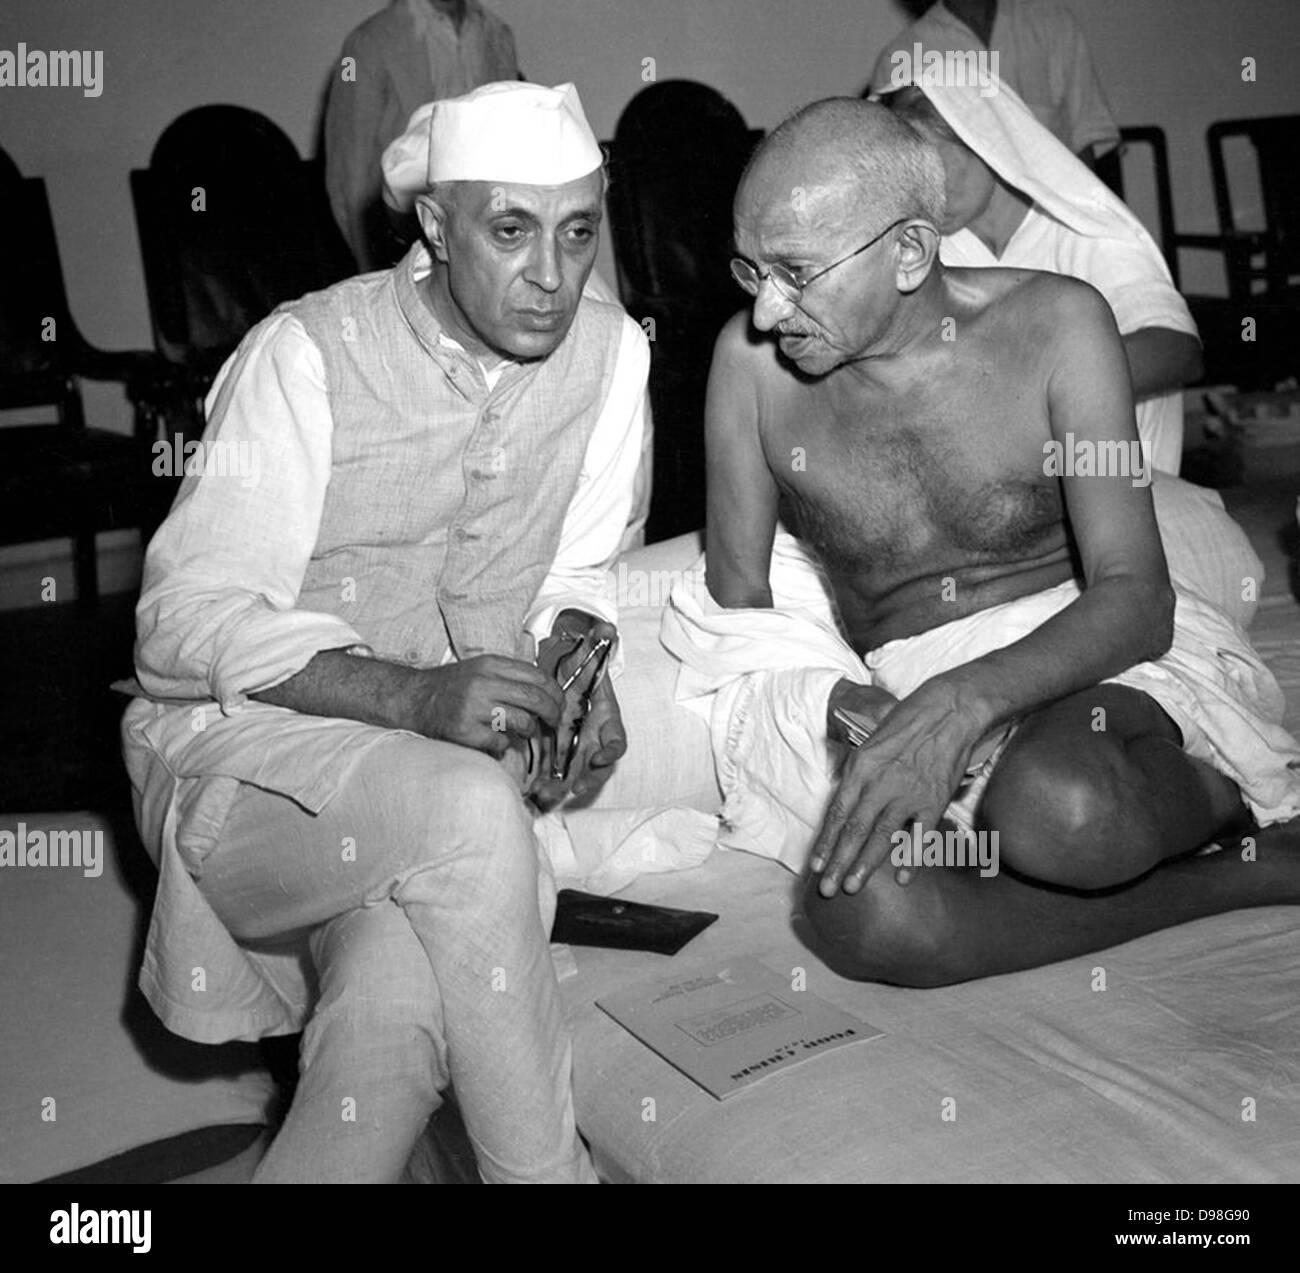 Ghandi discutiendo el concepto Quit India con Nehru, 1942 Imagen De Stock